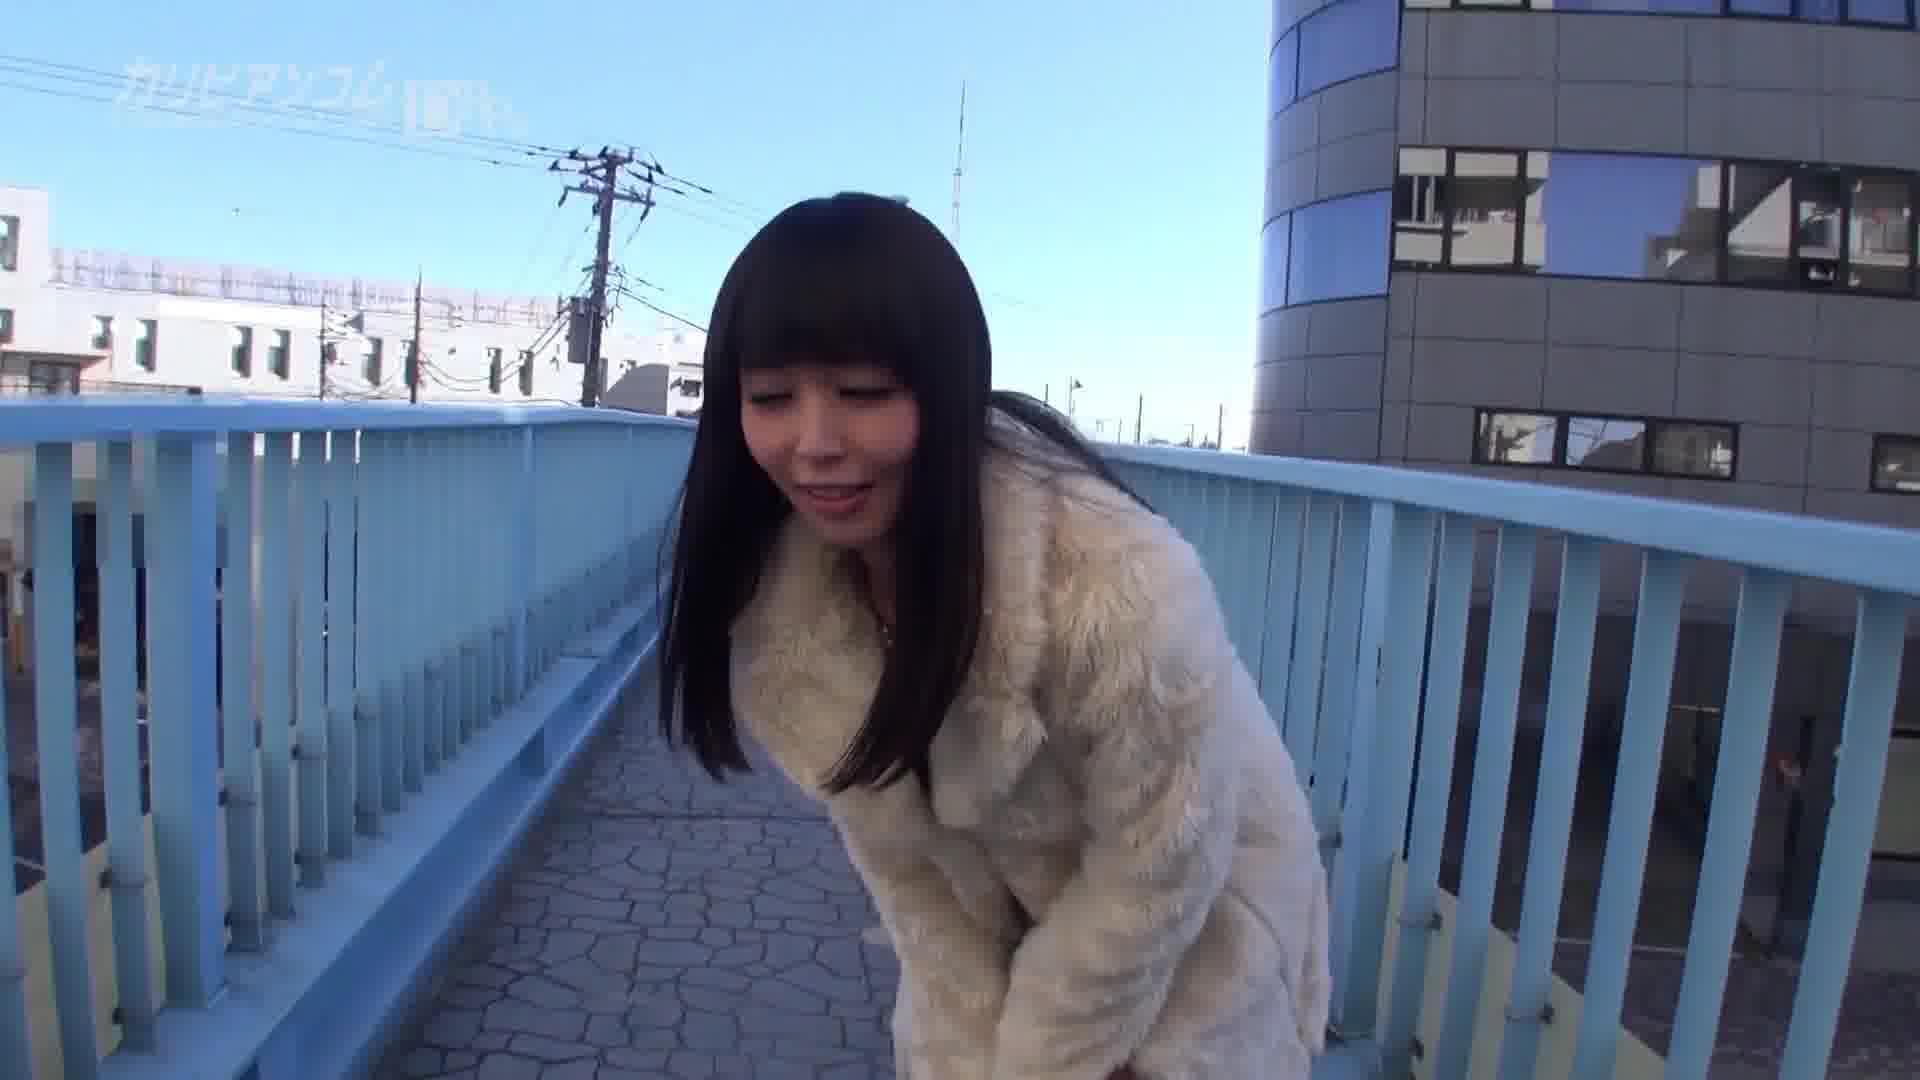 女優魂 ~ゴミ屋敷でガチファック~ - まりか【パイパン・スレンダー・中出し】